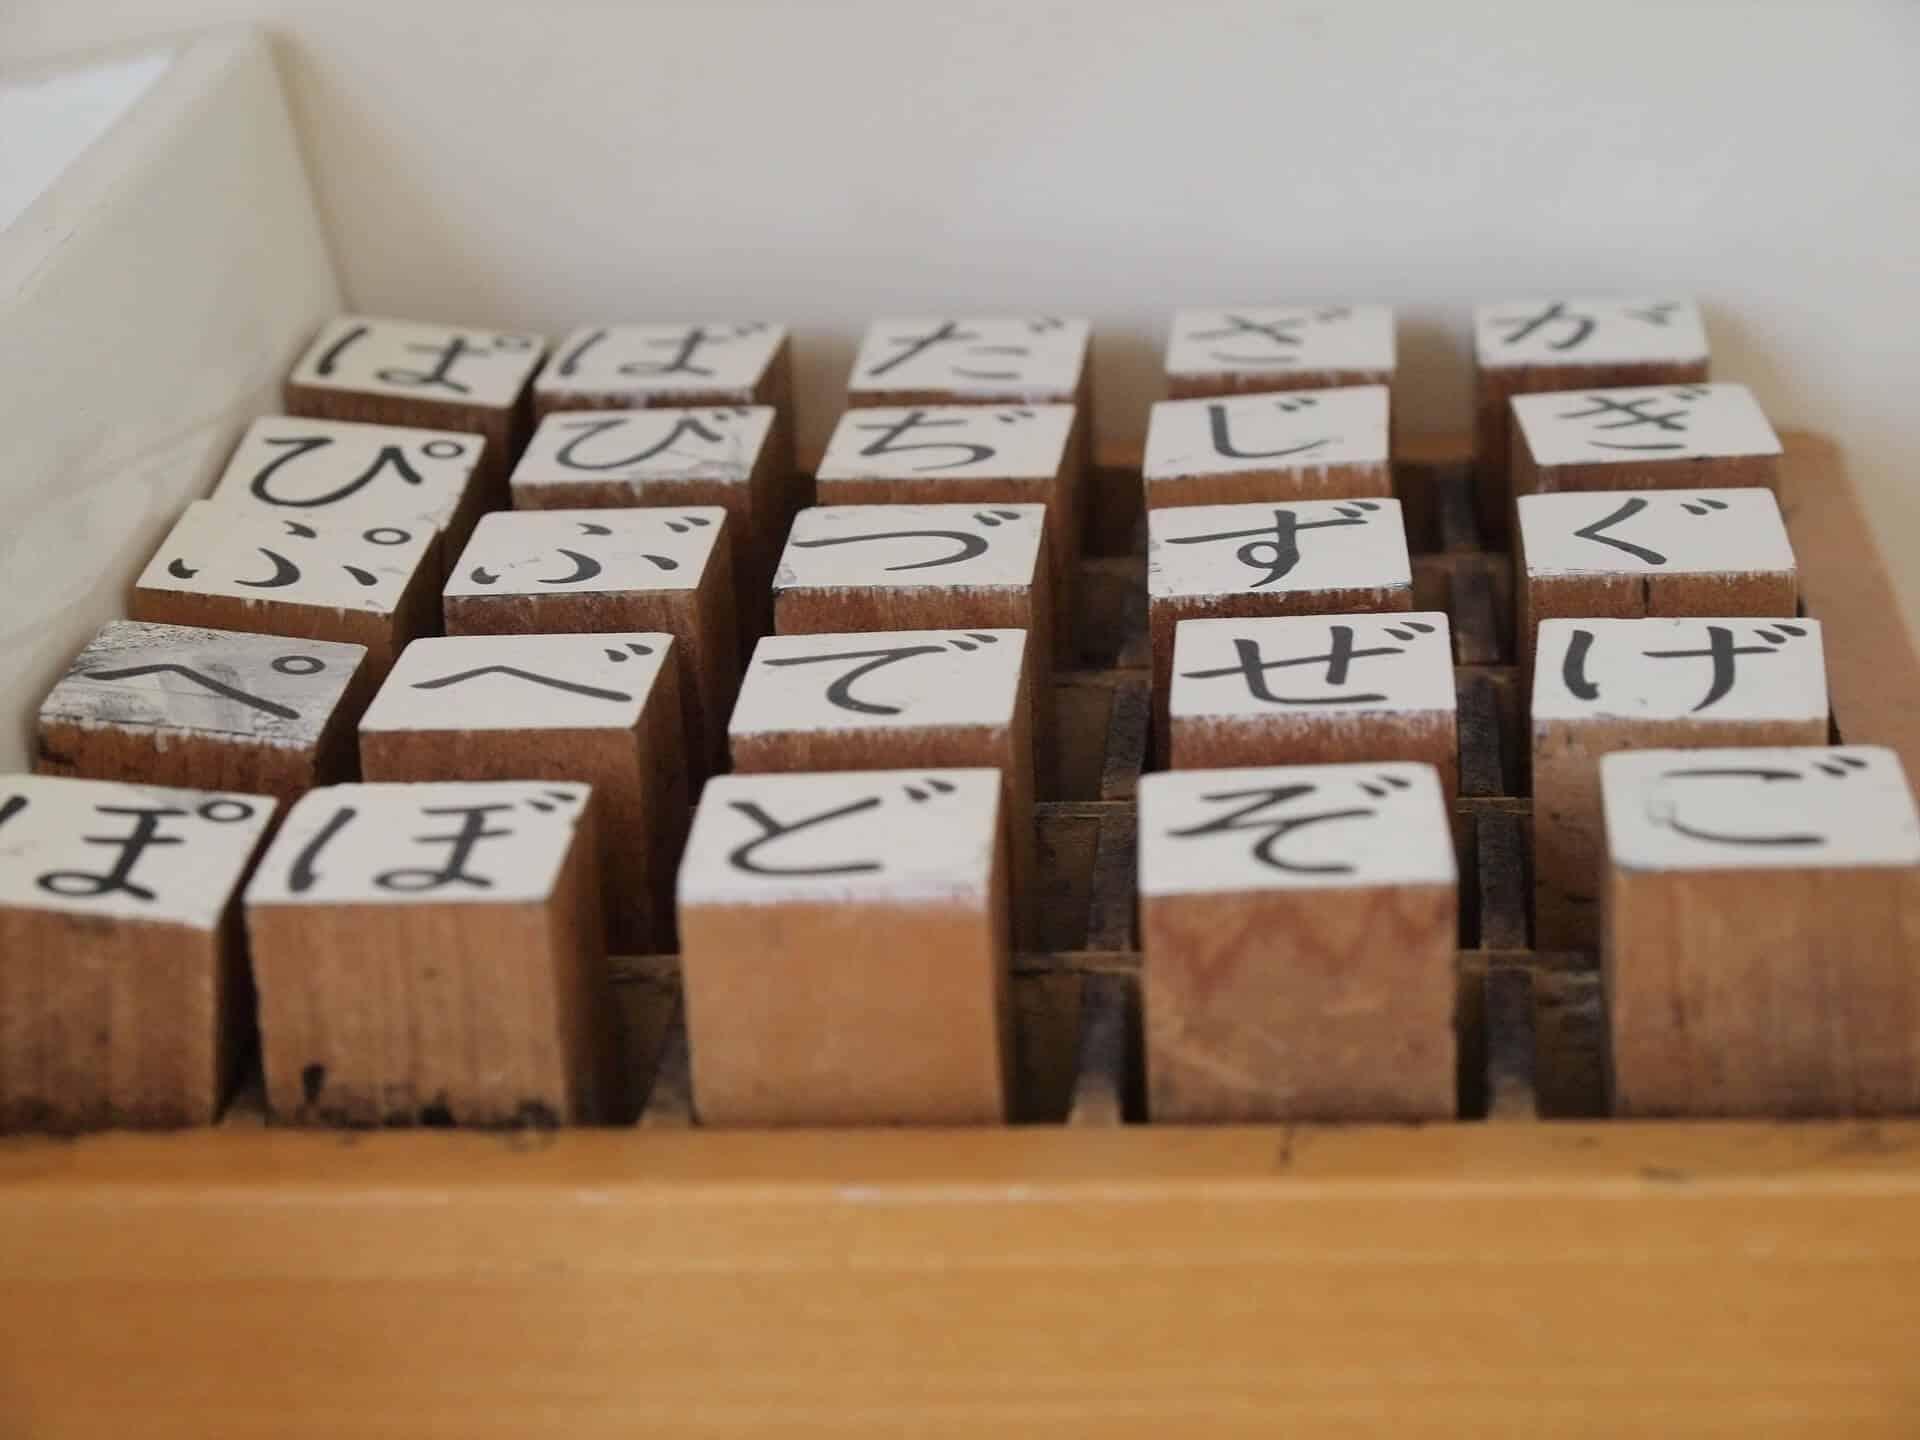 Würfel mit Schriftzeichen - besondere Begabungen fördern